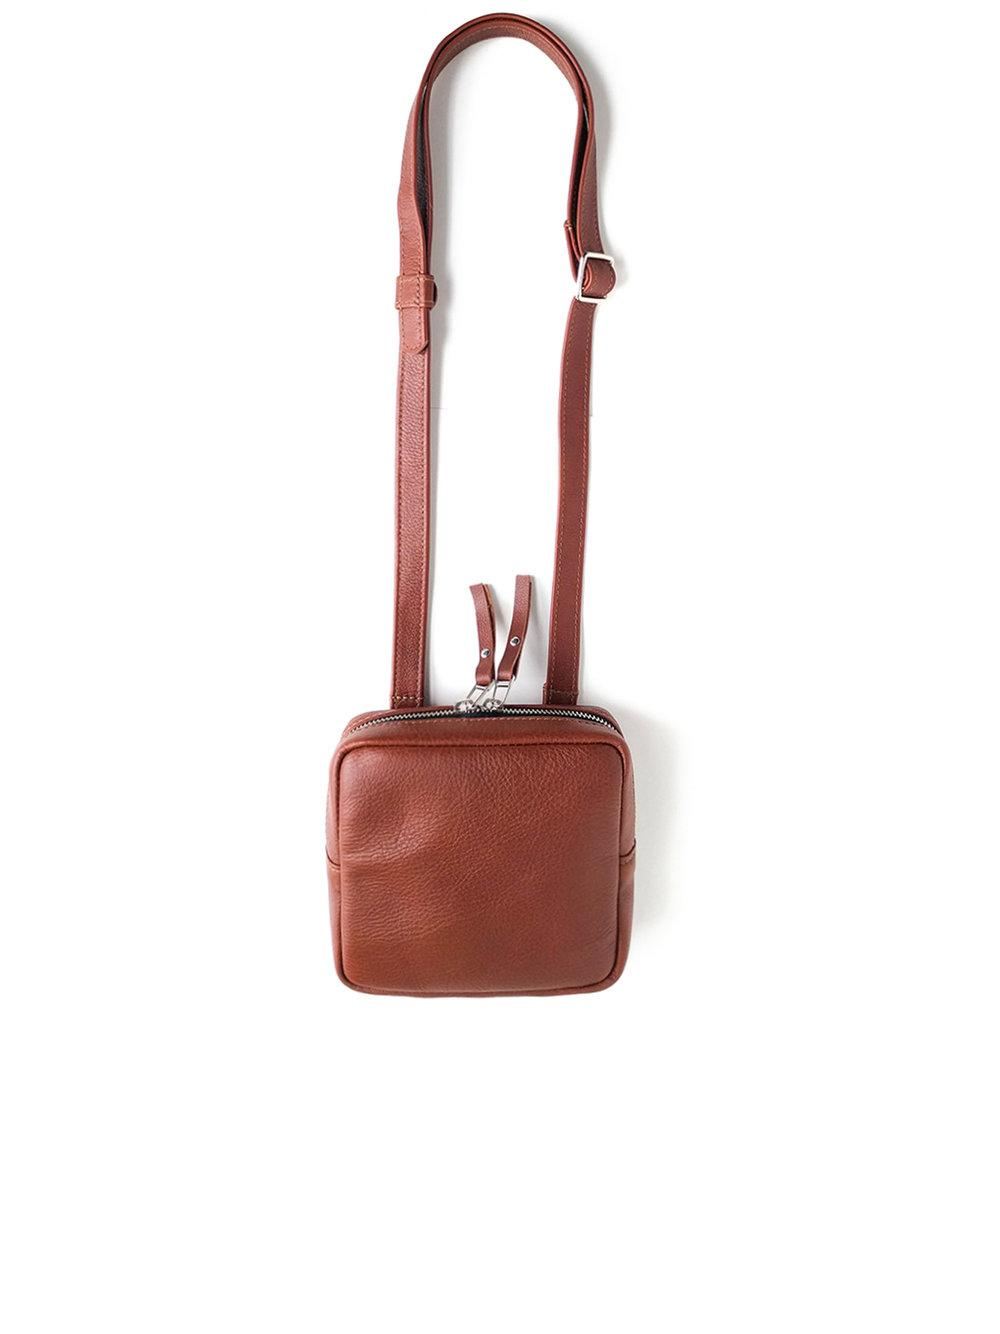 Mini sac à main - plusieurs couleurs disponibles110.00$